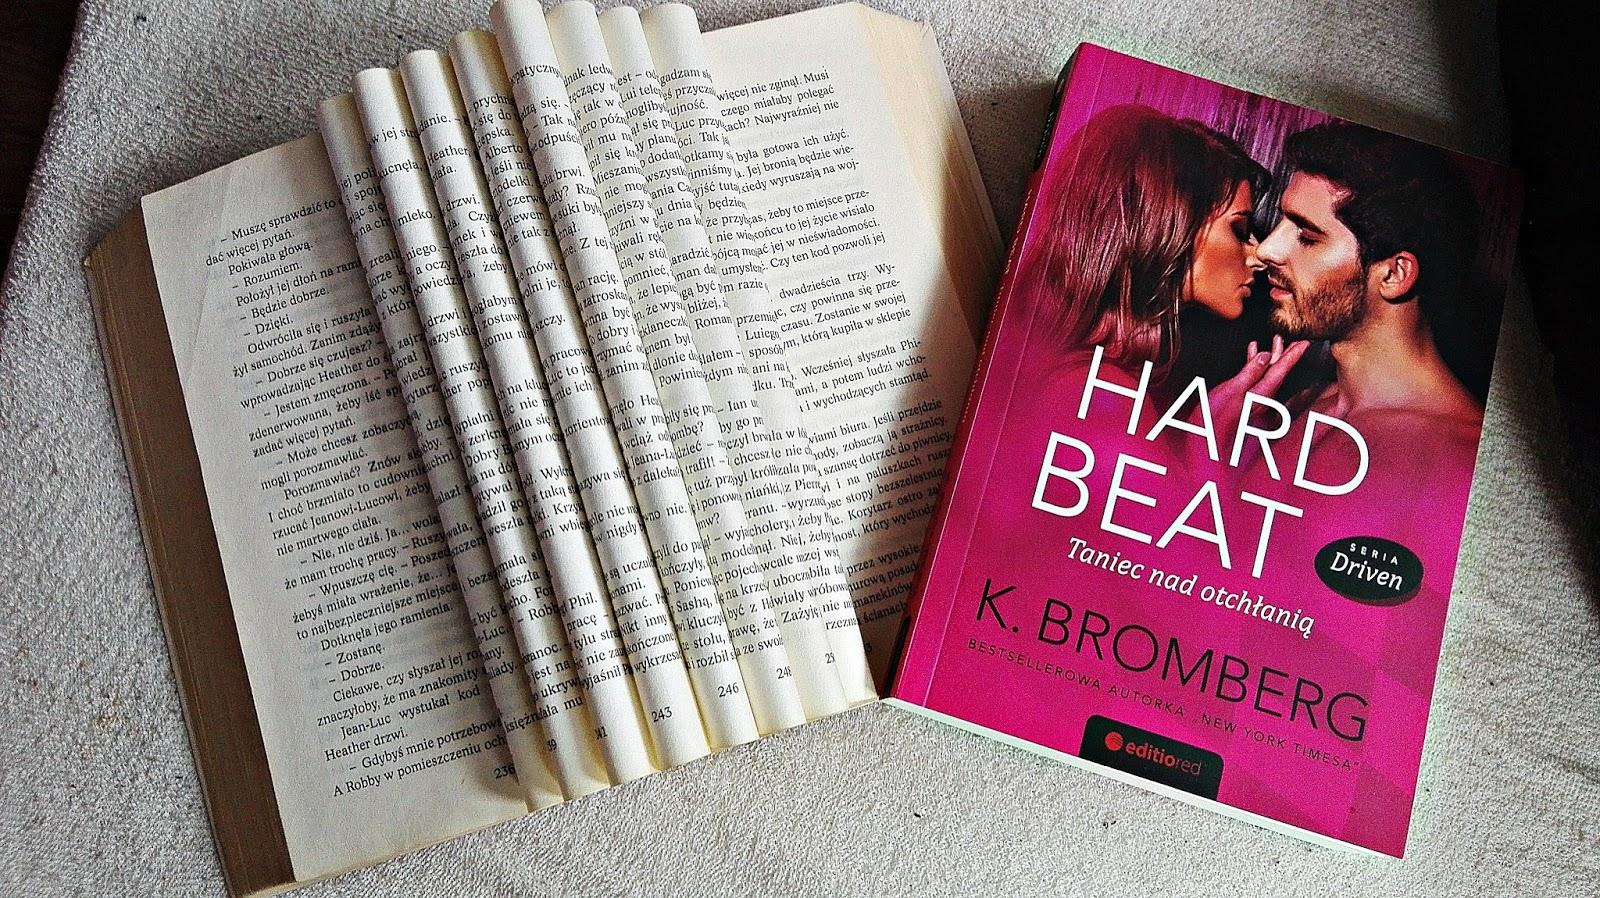 """51#  przedpremierowo """"Hard Beat. Taniec nad otchłanią """"K. Bromberg"""